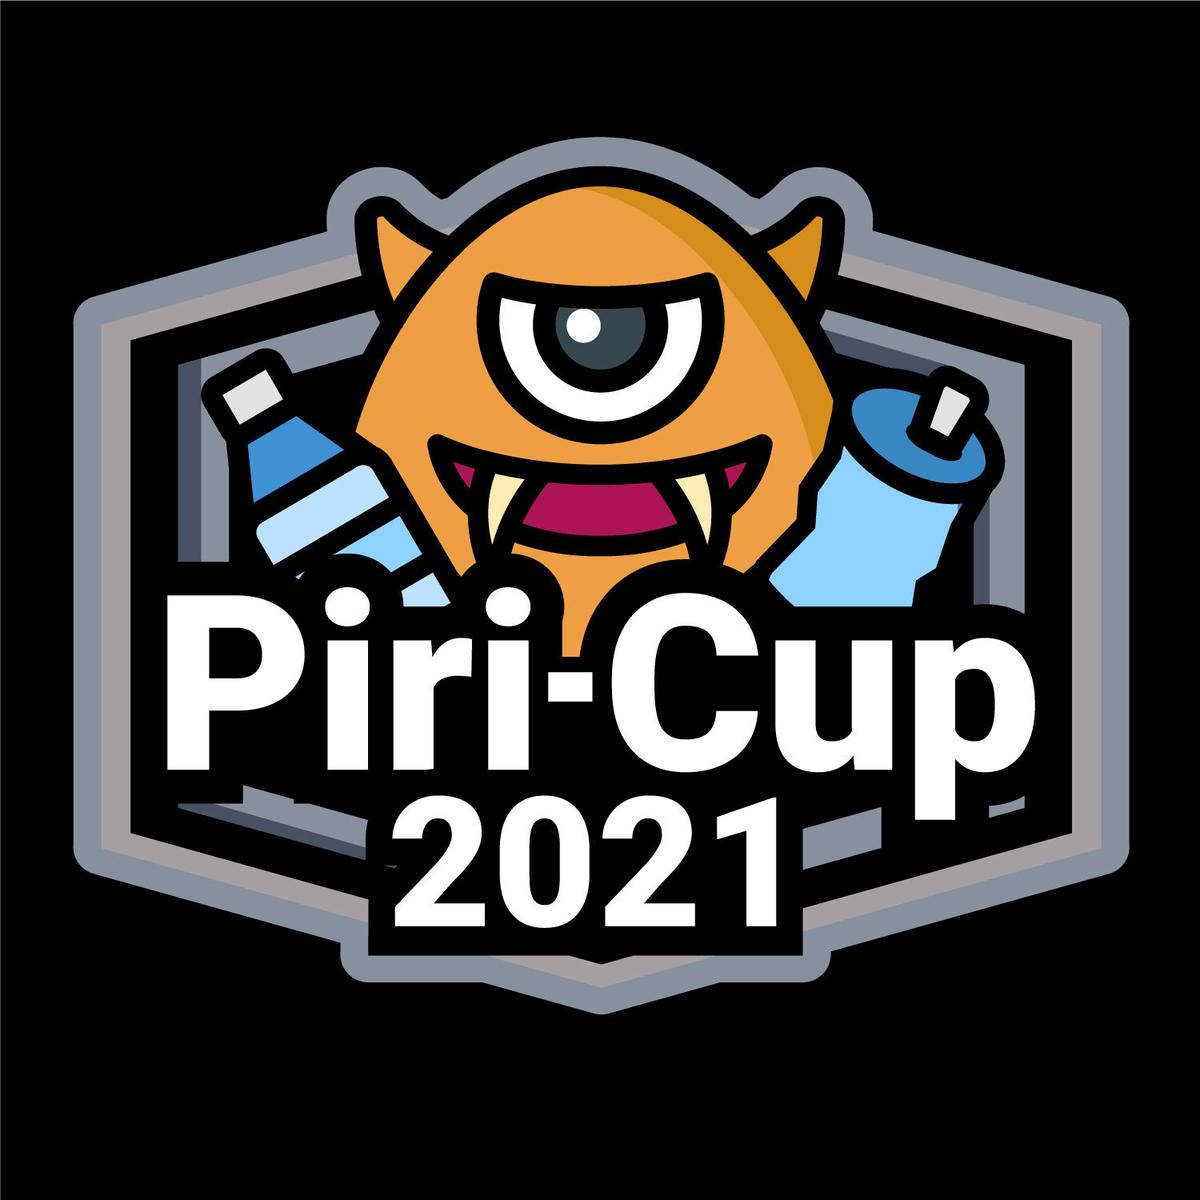 f:id:teampirka:20210517173302j:plain